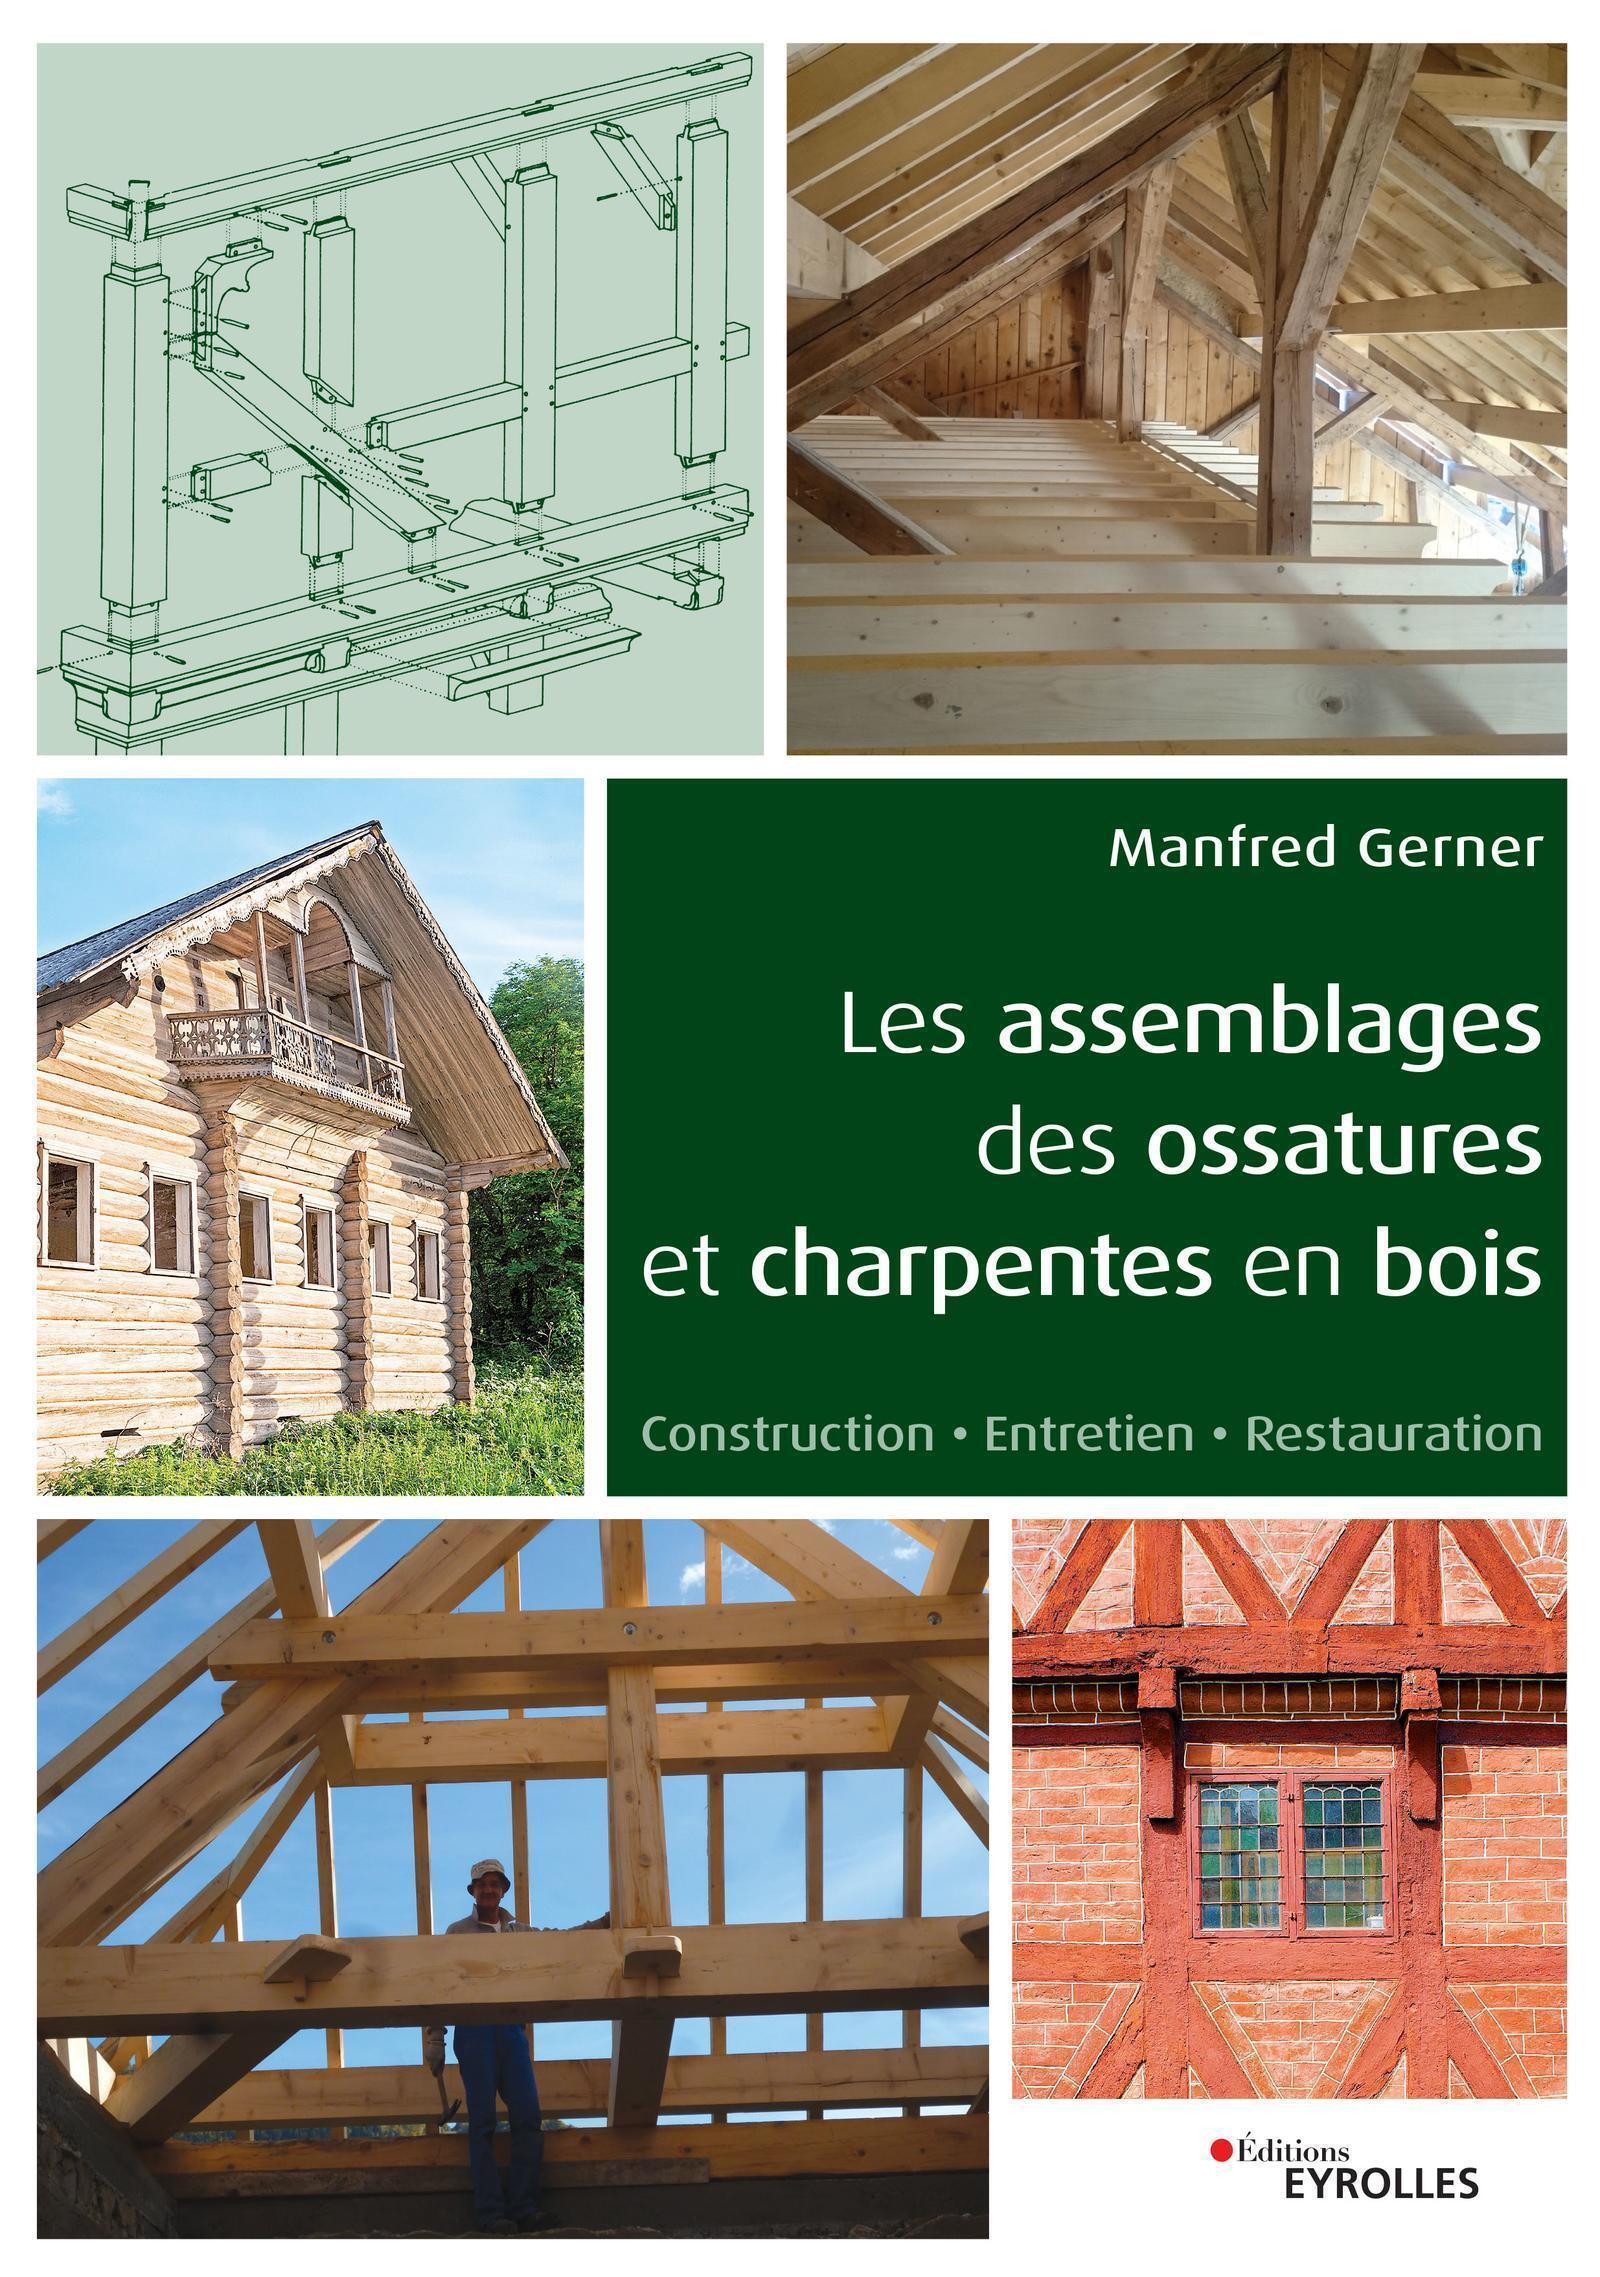 LES ASSEMBLAGES DES OSSATURES ET CHARPENTES EN BOIS - CONSTRUCTION - ENTRETIEN - RESTAURATION.